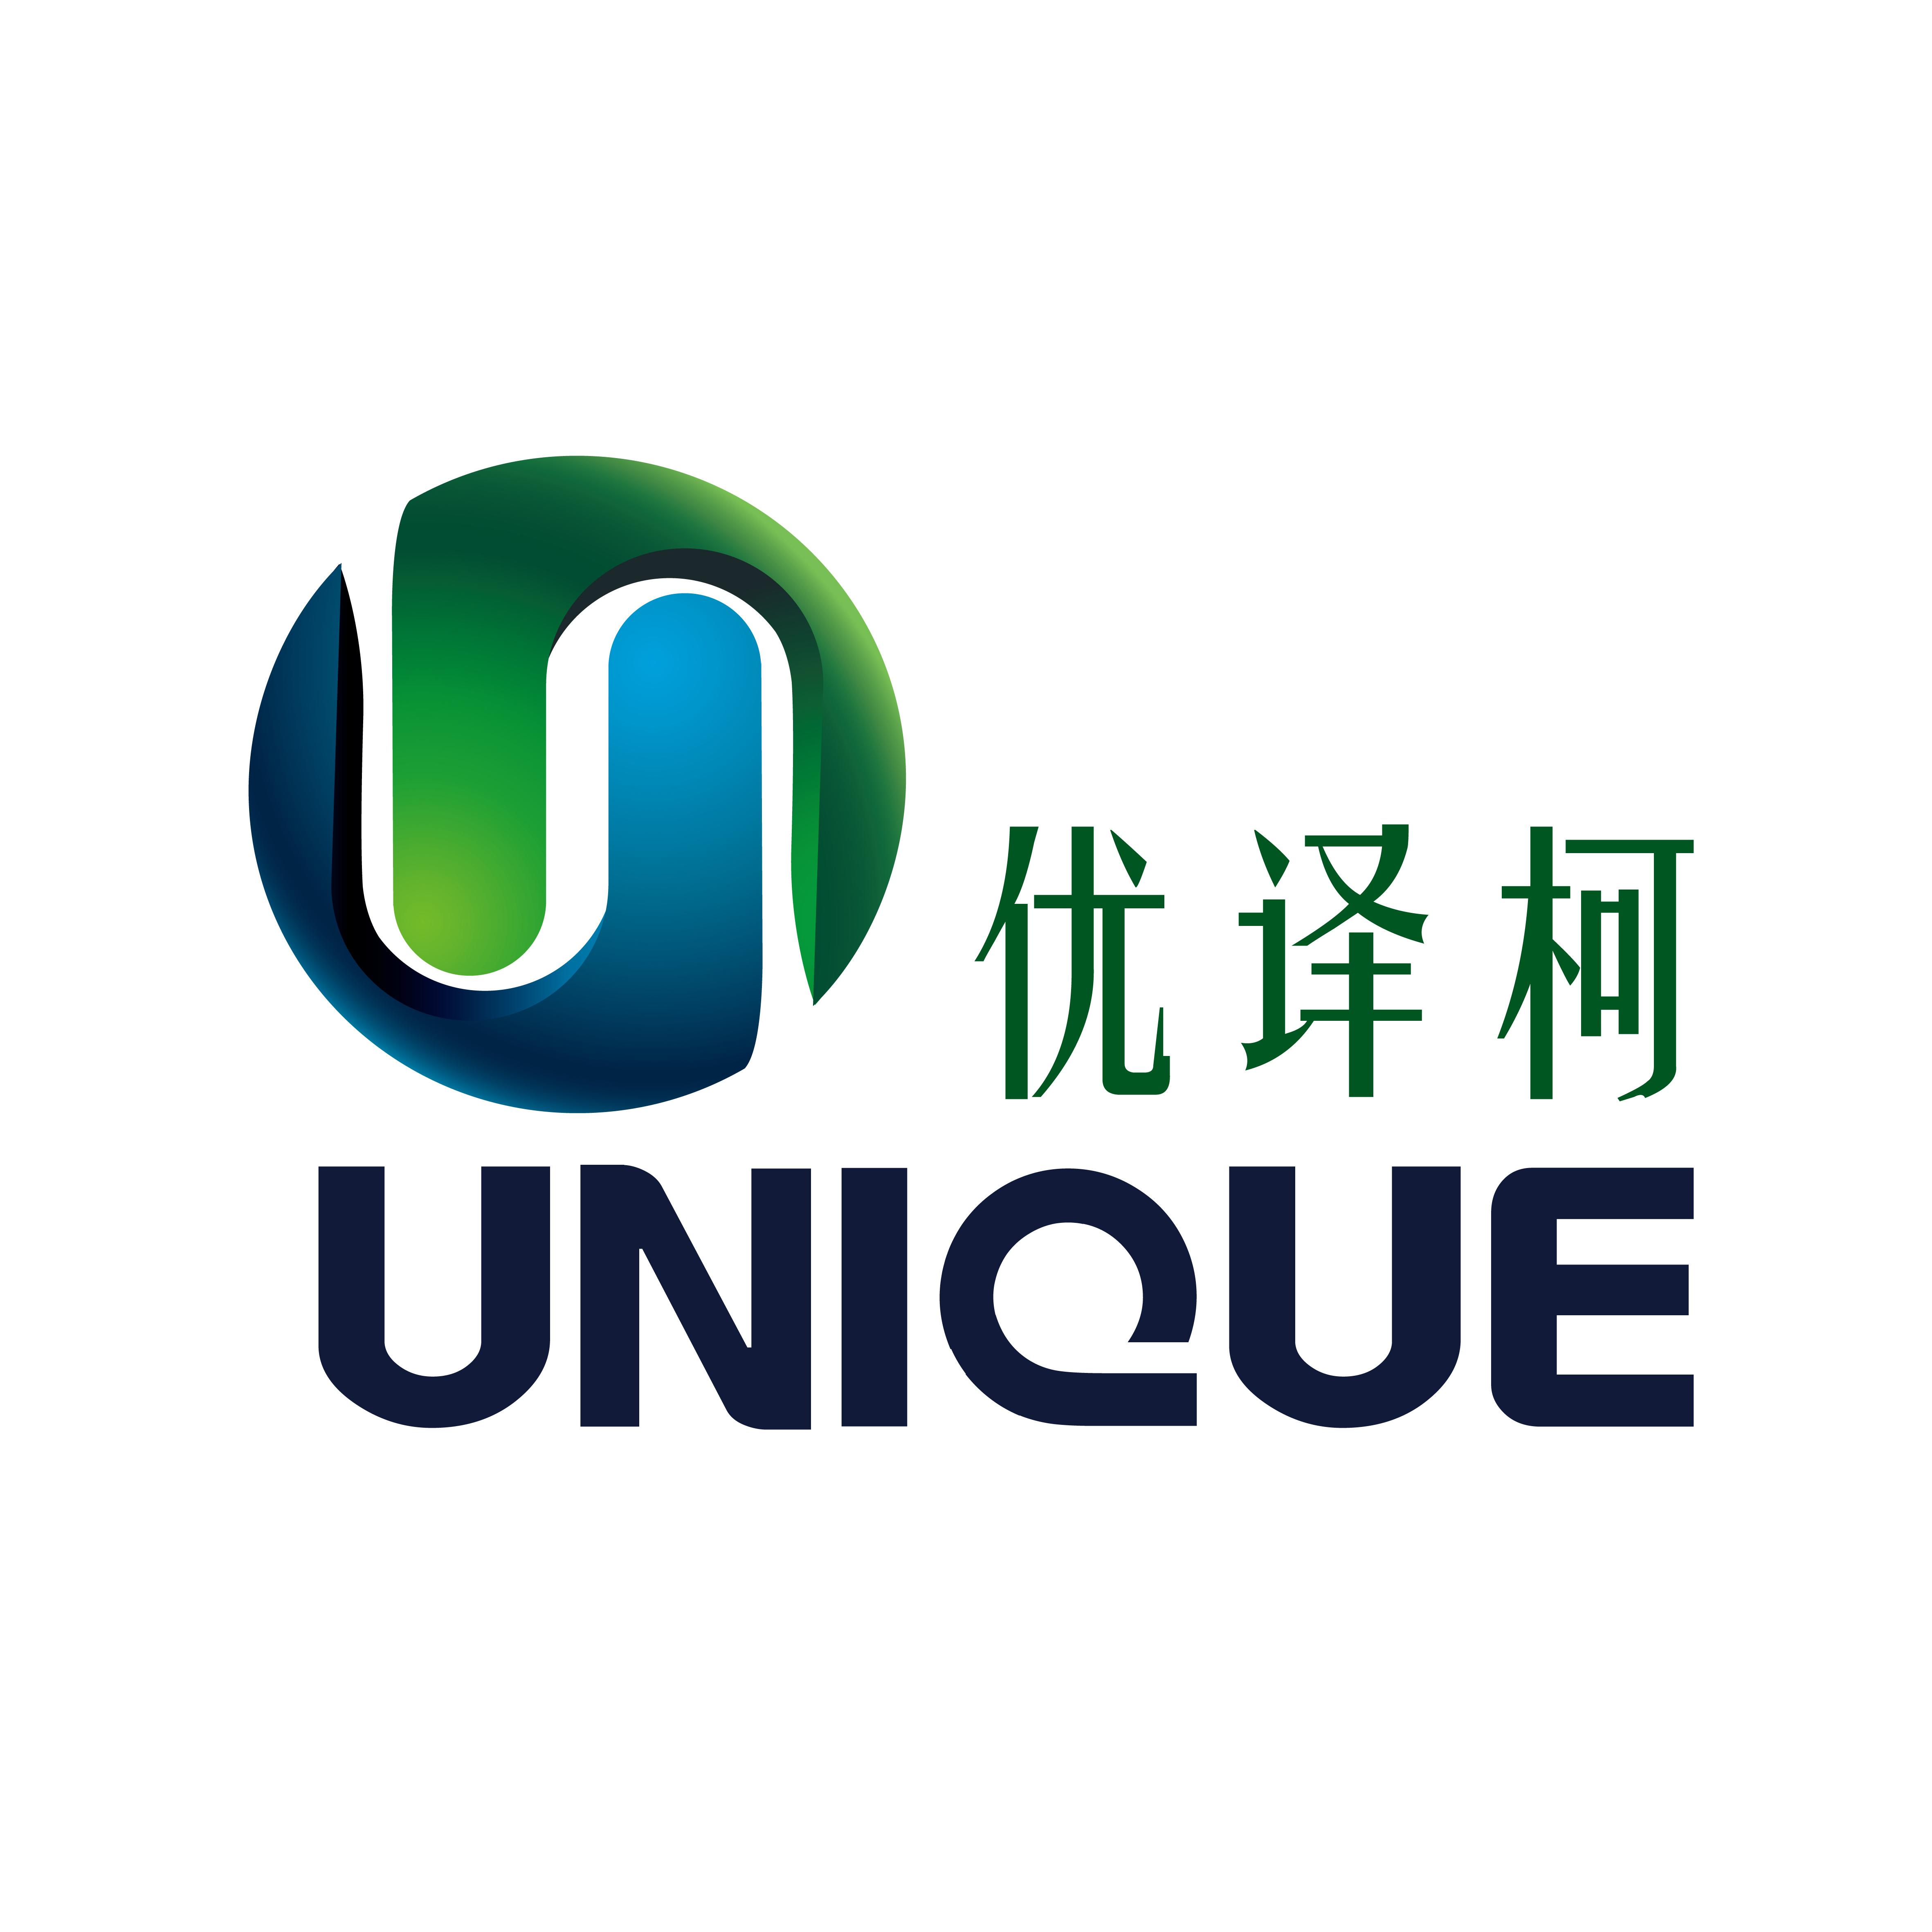 上海优译柯机械科技有限企业